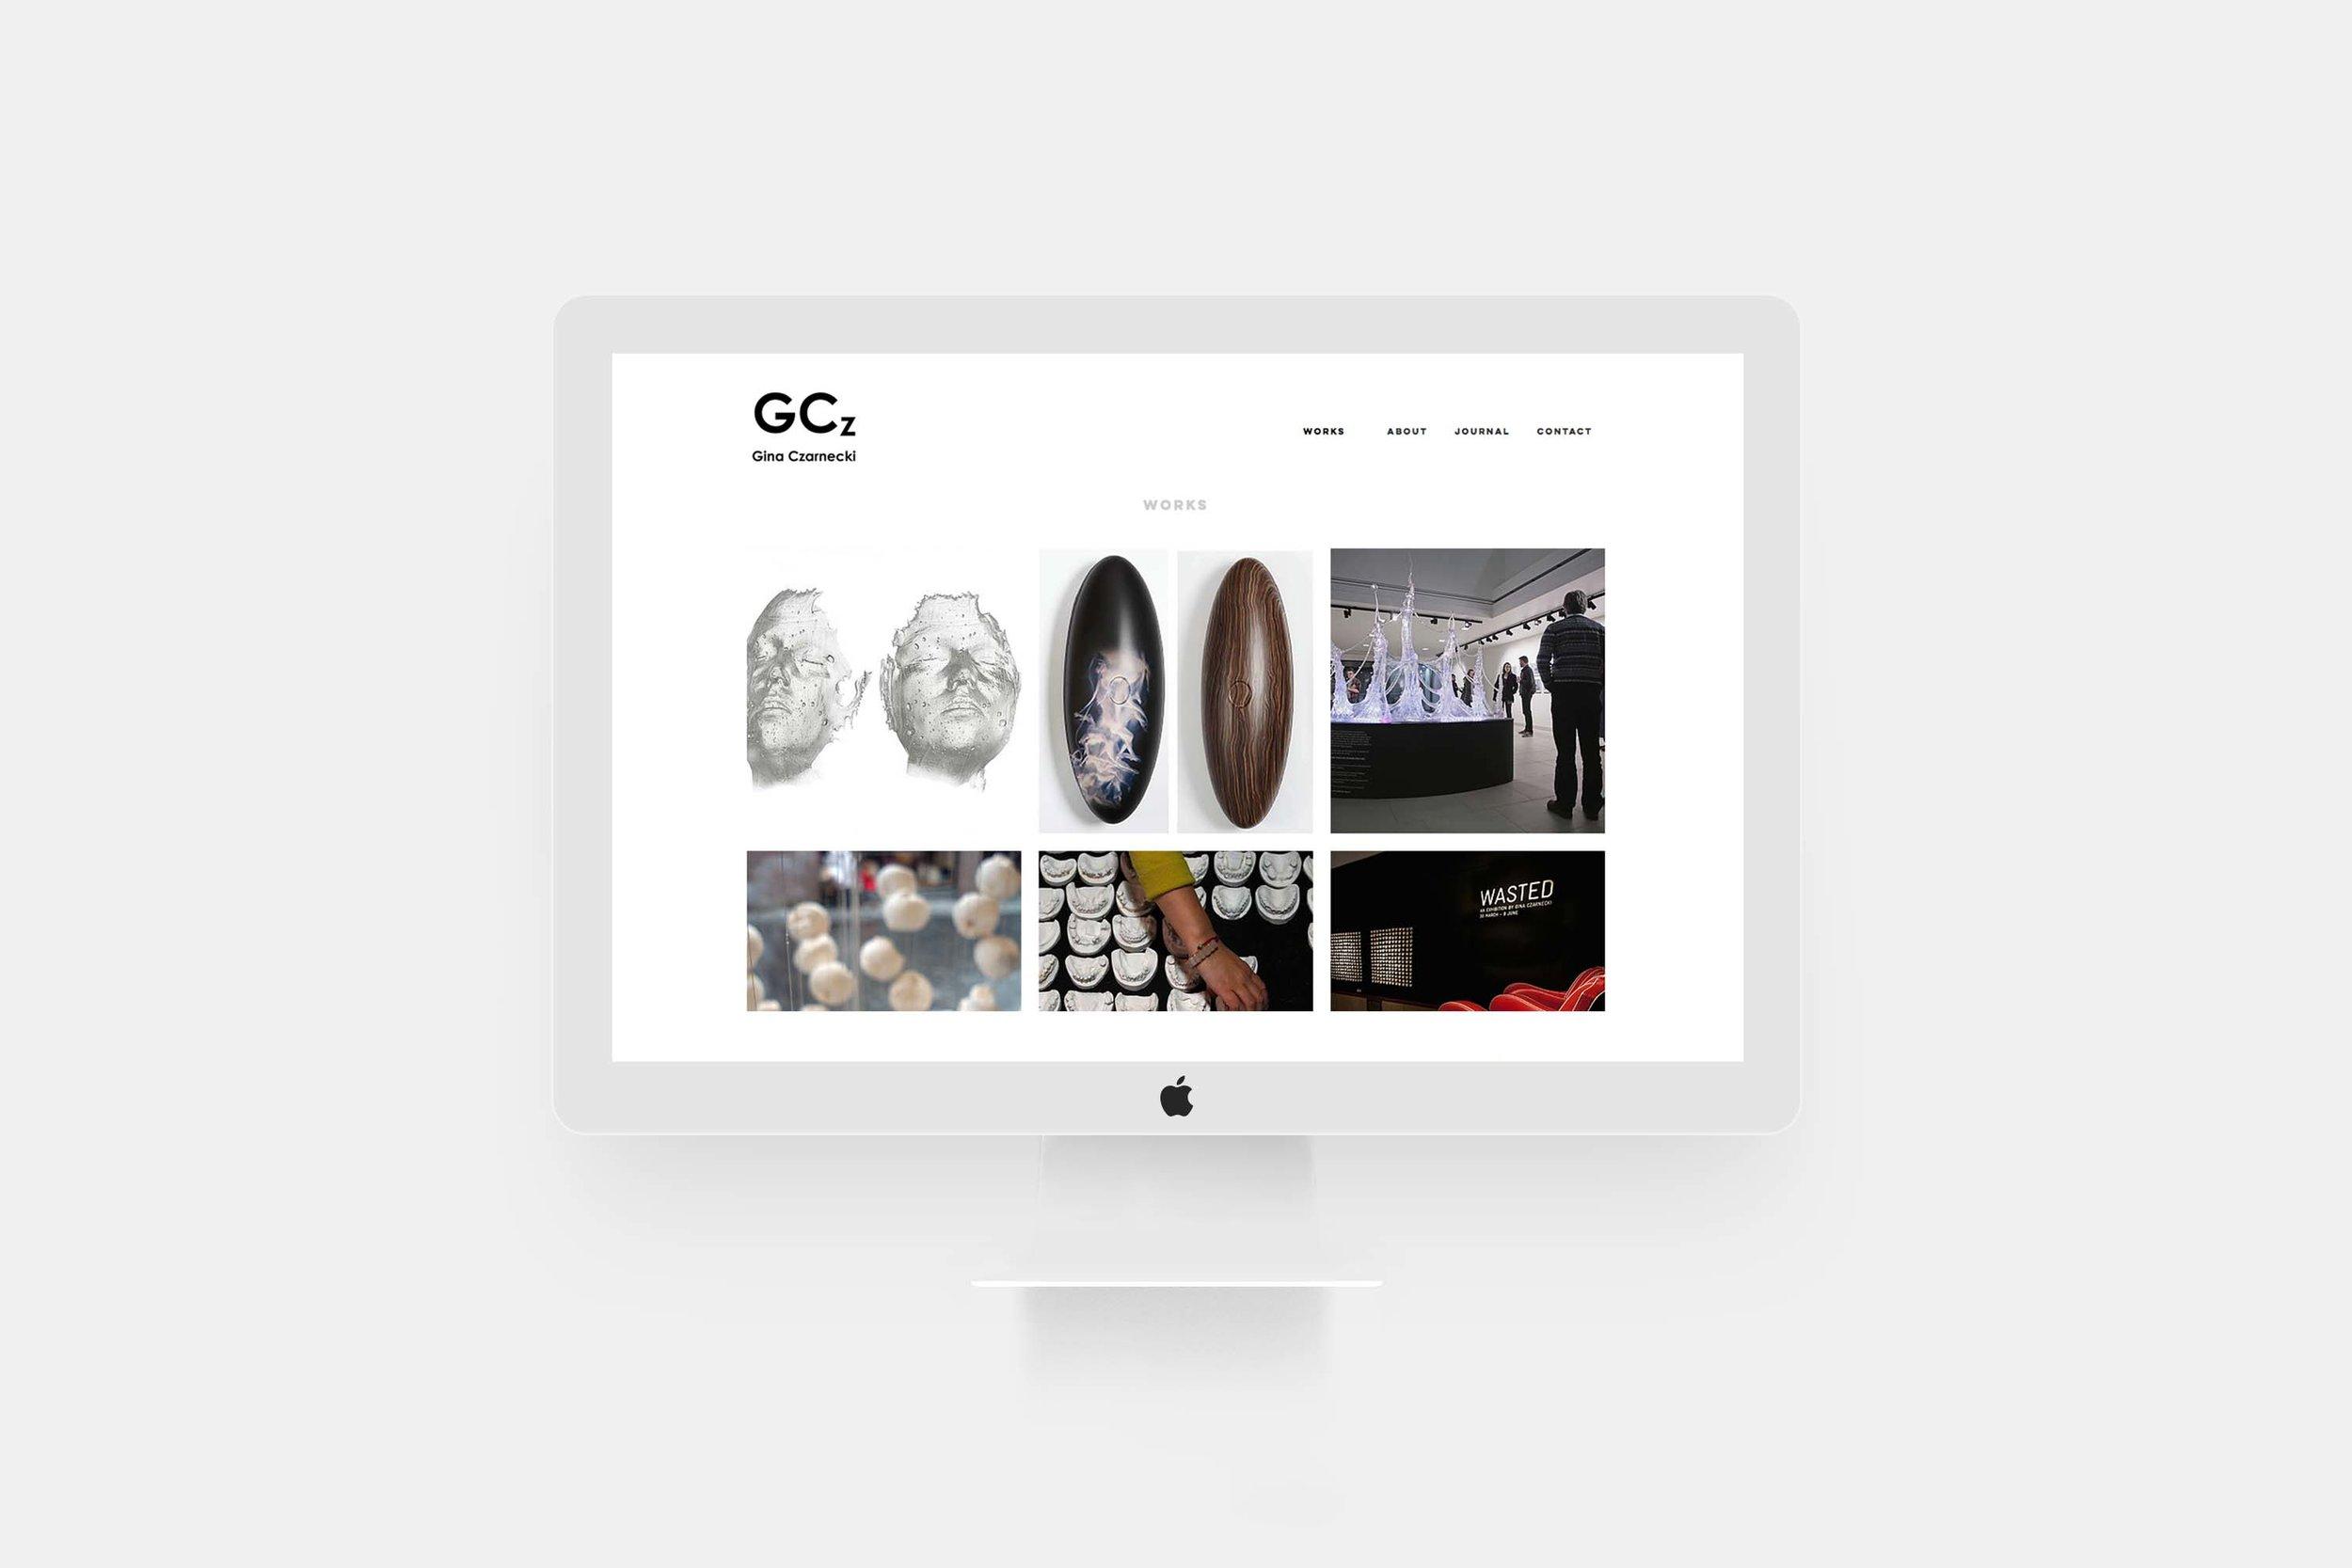 GCz - iMac - Works.jpg